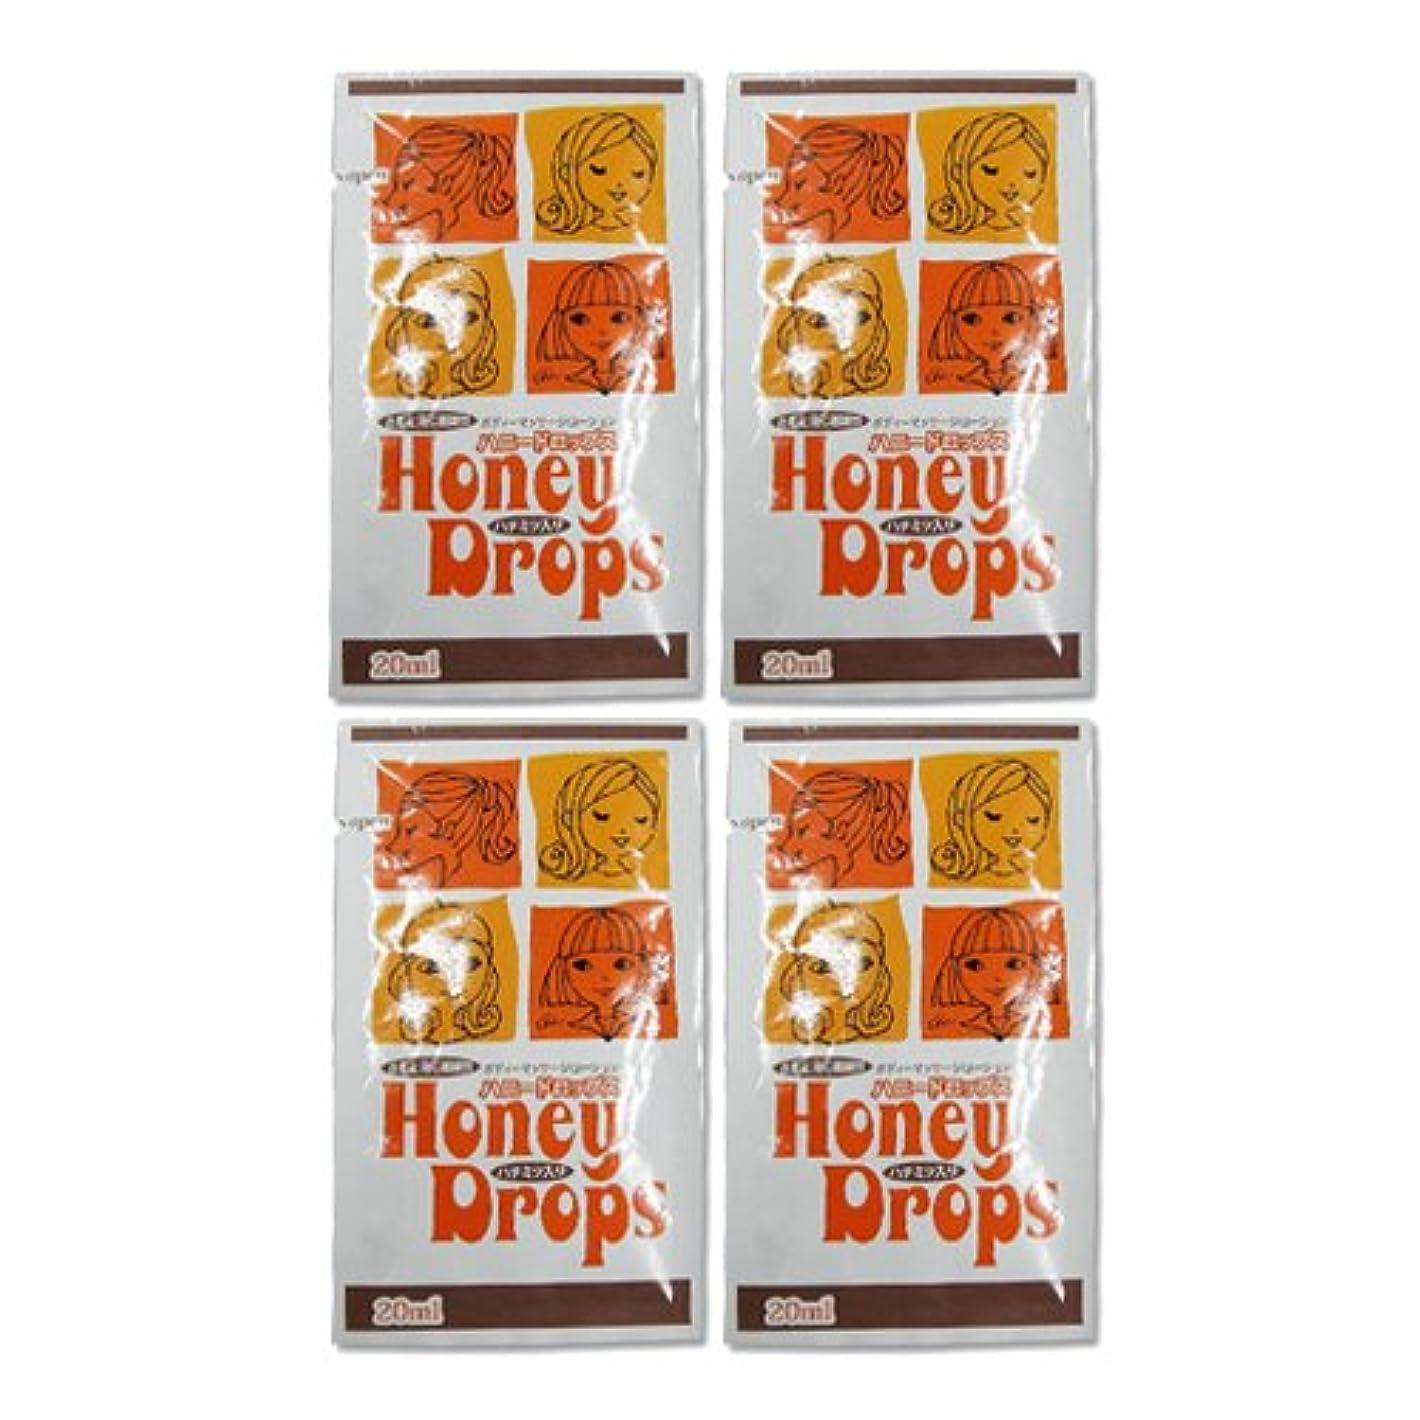 思慮深い男移植ハニードロップス(Honey Drops) 20ml 使い切りローション D柄 × 4個